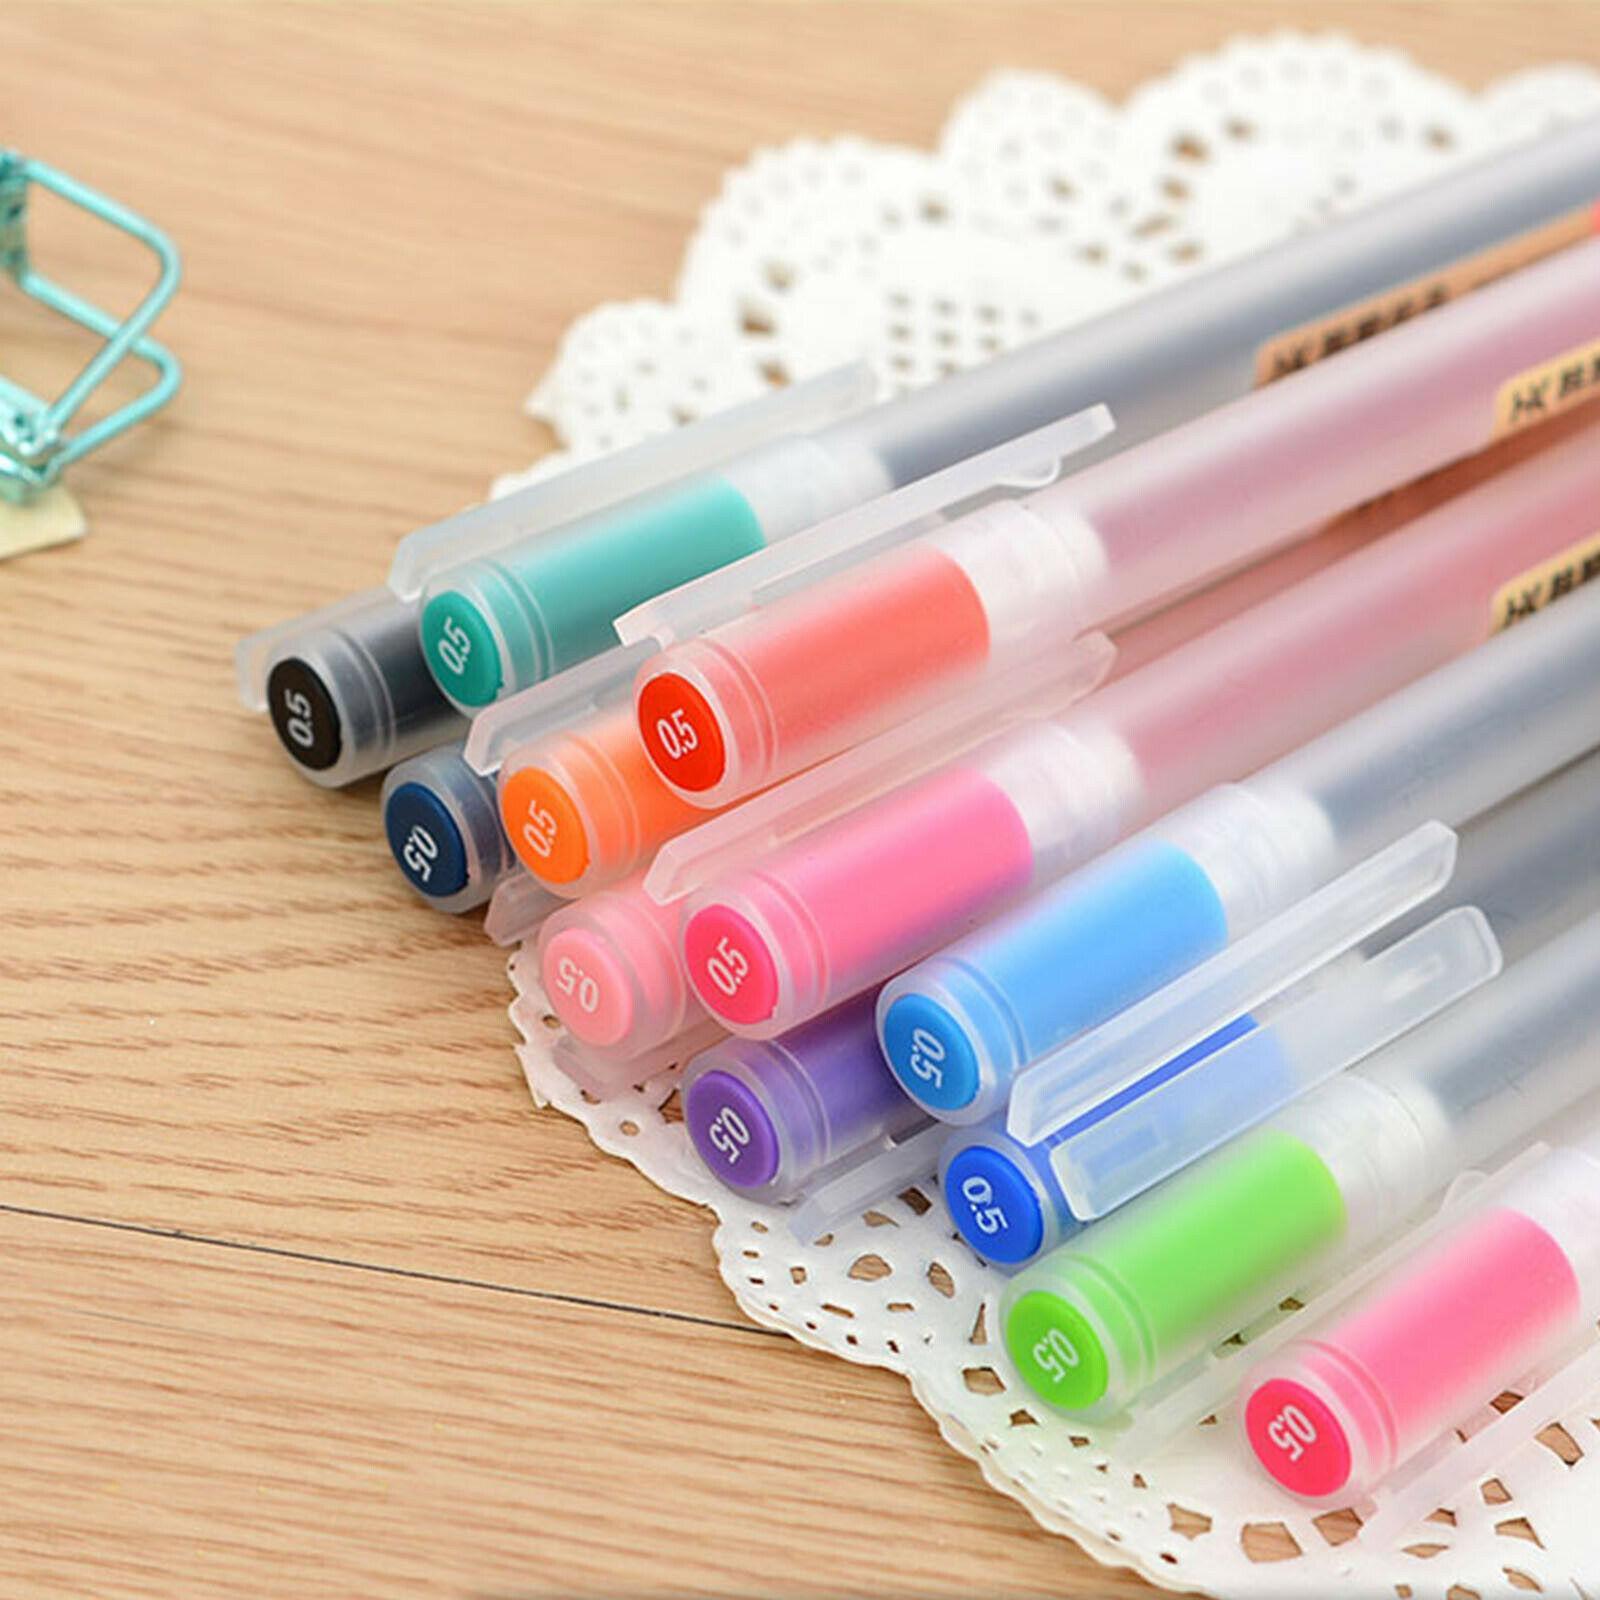 في الأوراق المالية! 12 ألوان / مجموعة أجزاء غير تقليدية صانع الأقلام 0.5 ملليمتر الحبر القلم مدرسة مكتب توريد الفن شحن مجاني